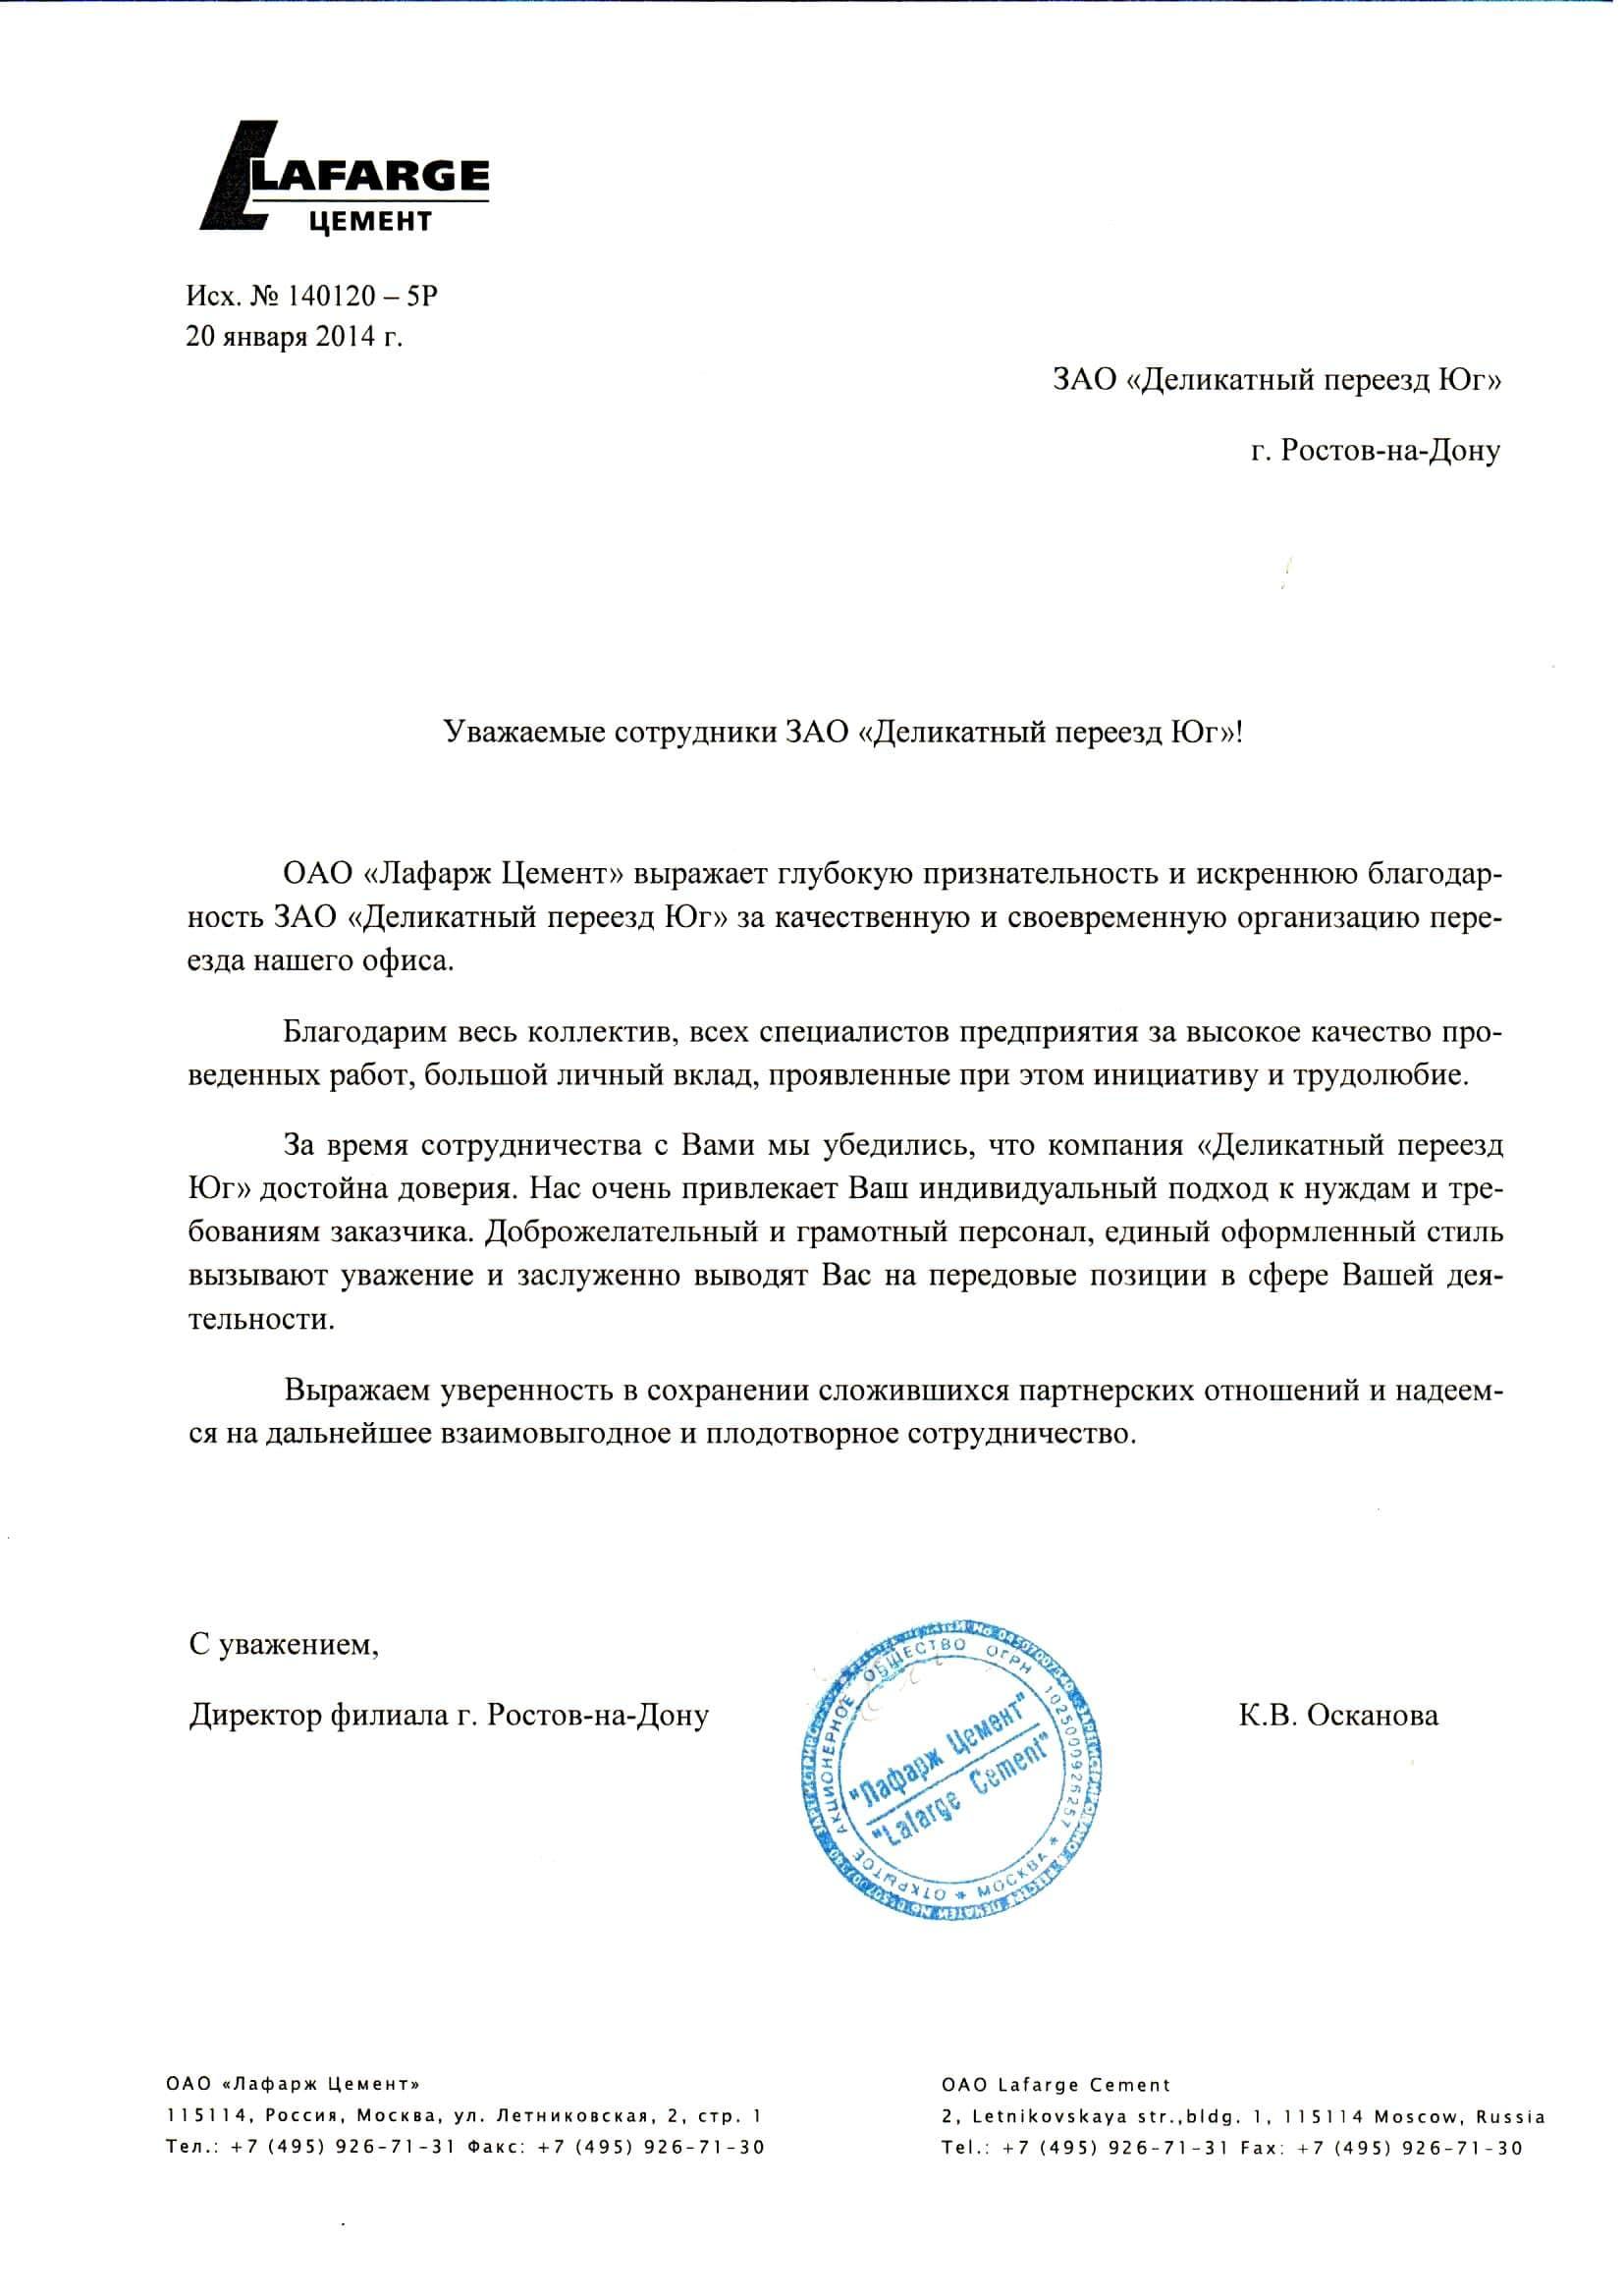 Благодарственное письмо от ОАО «Лафарж Цемент»